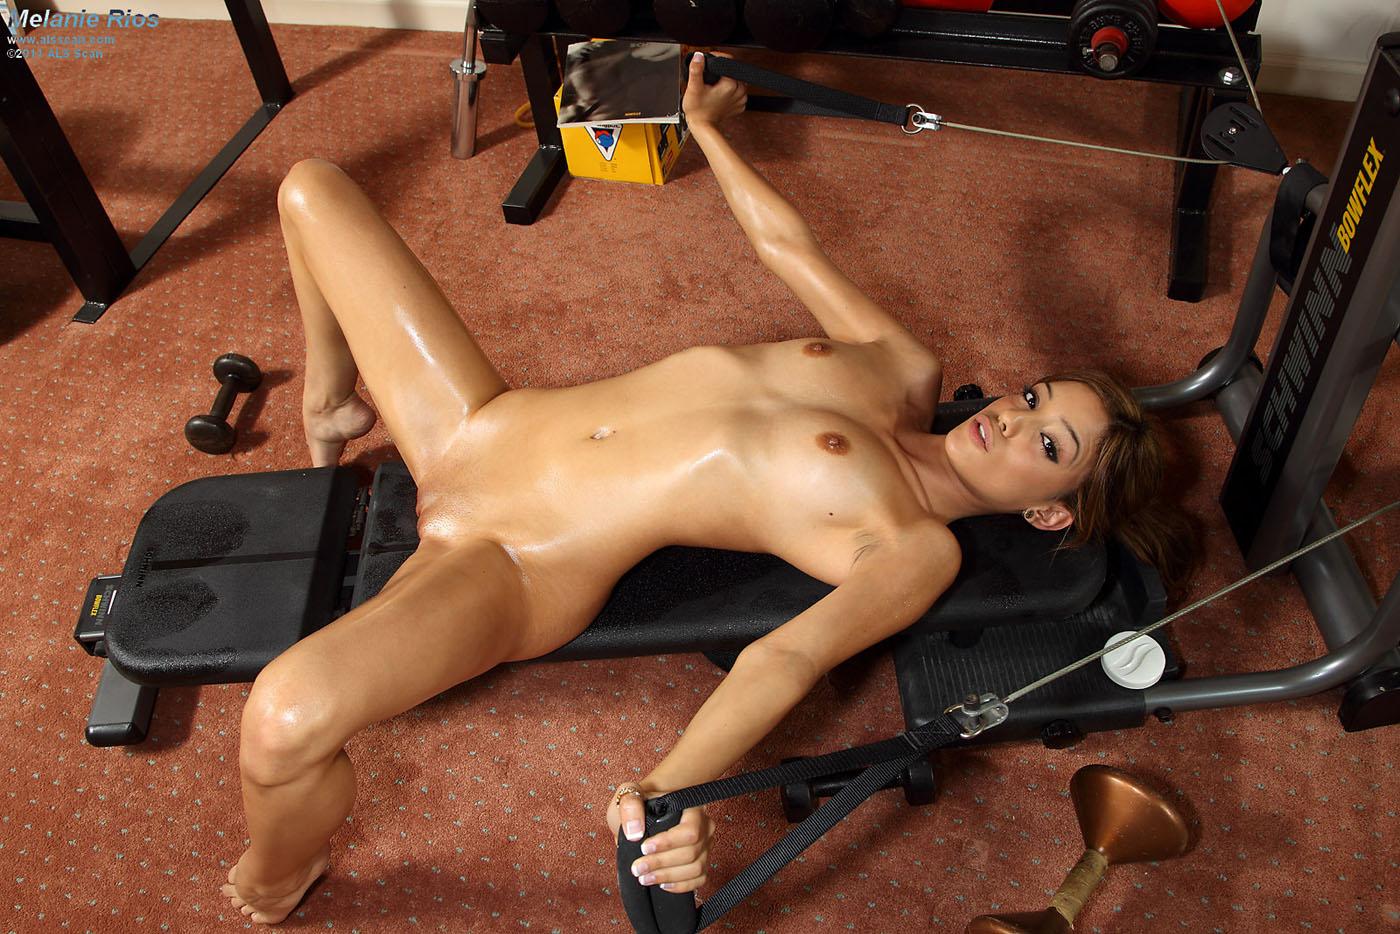 Смотреть секс в тренажёрном зале, Фитнес - Порно видео ролики смотреть онлайн 17 фотография